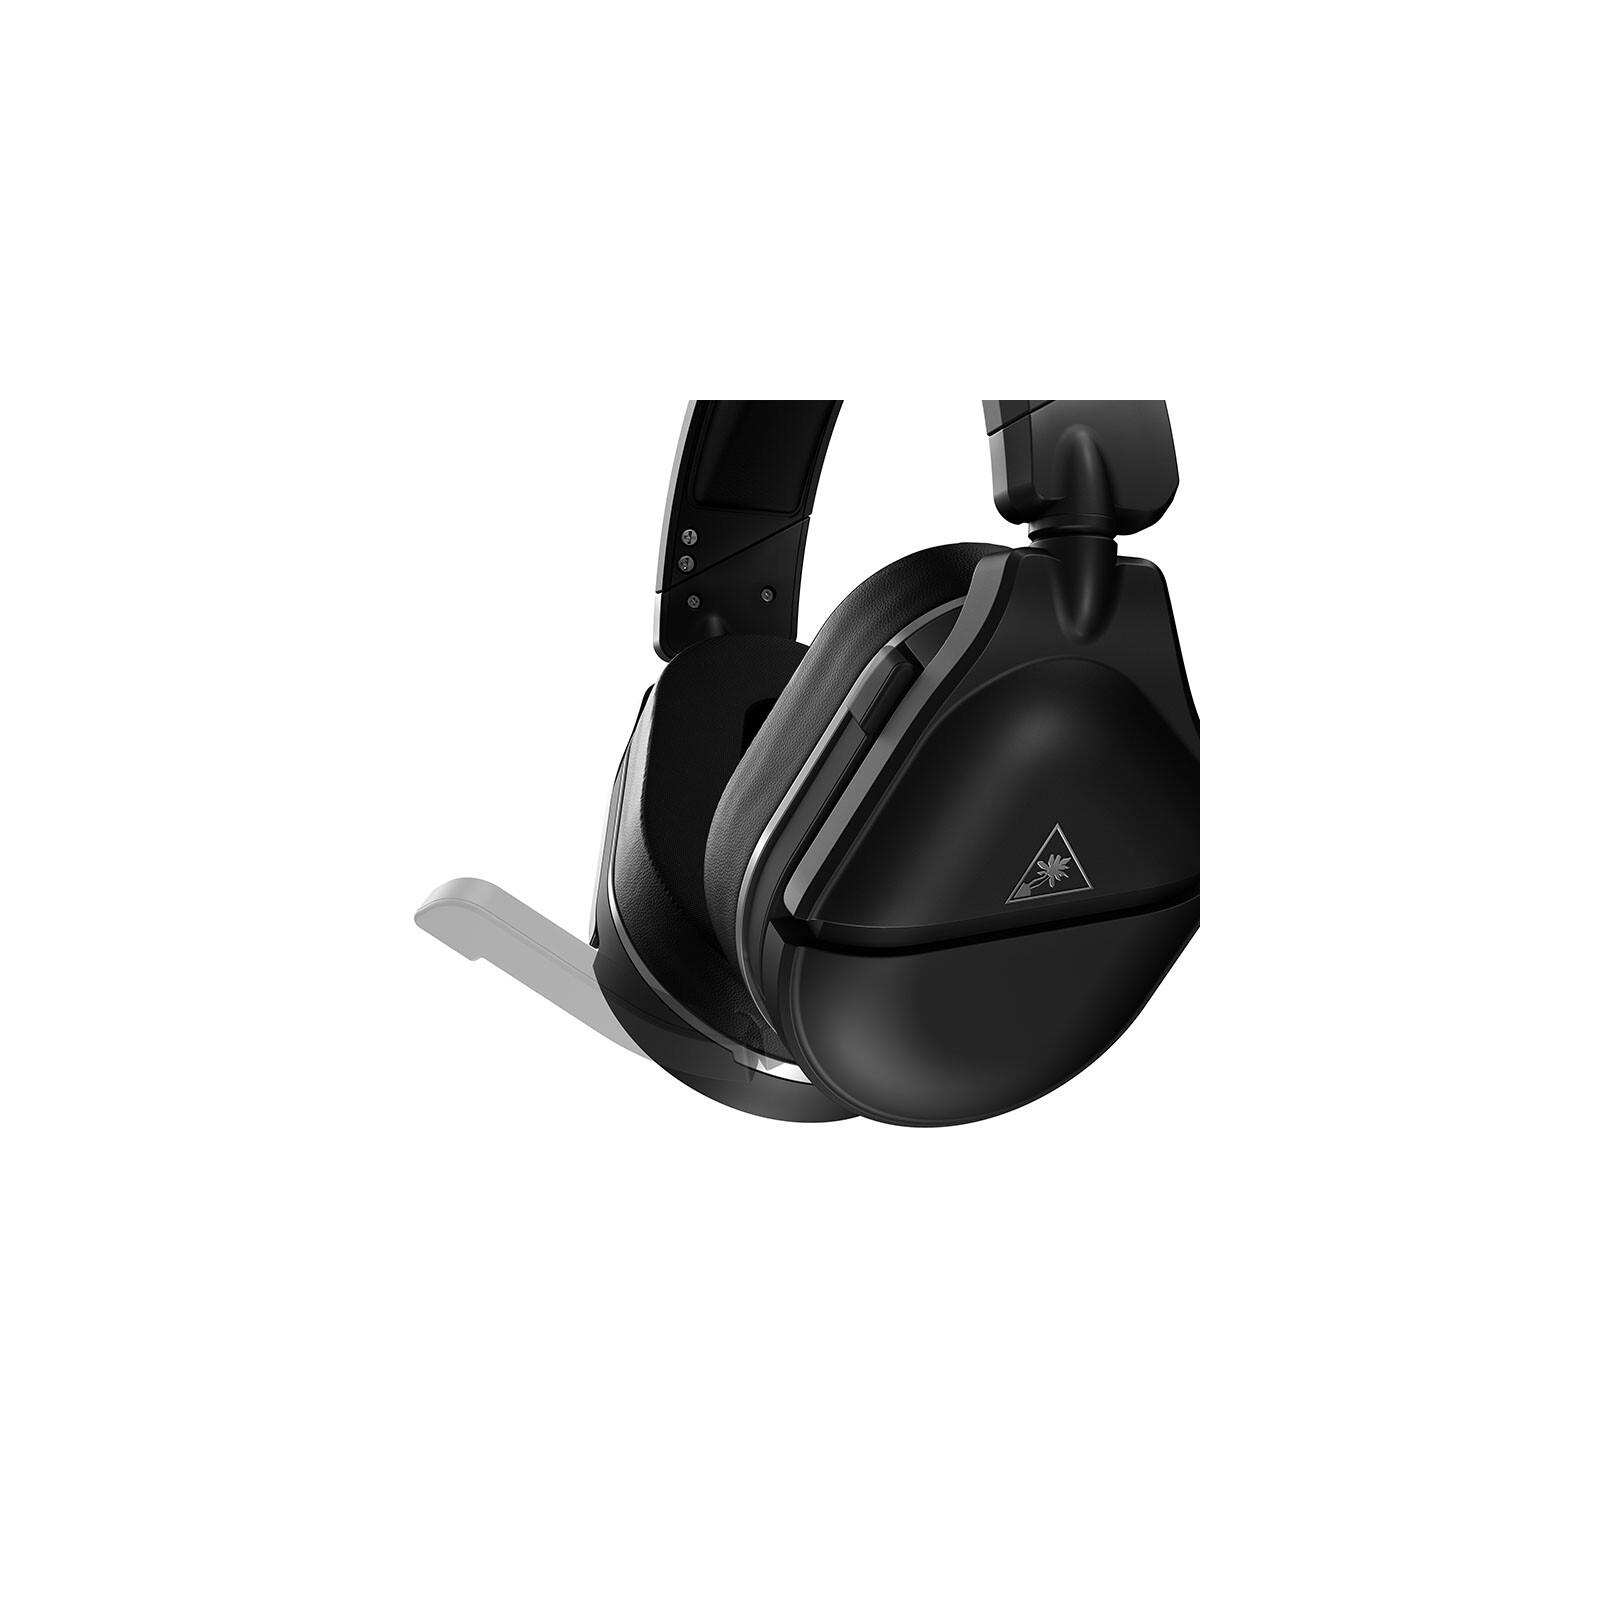 Turtle Beach Stealth 700 GEN 2, kabelloses Surround Headset